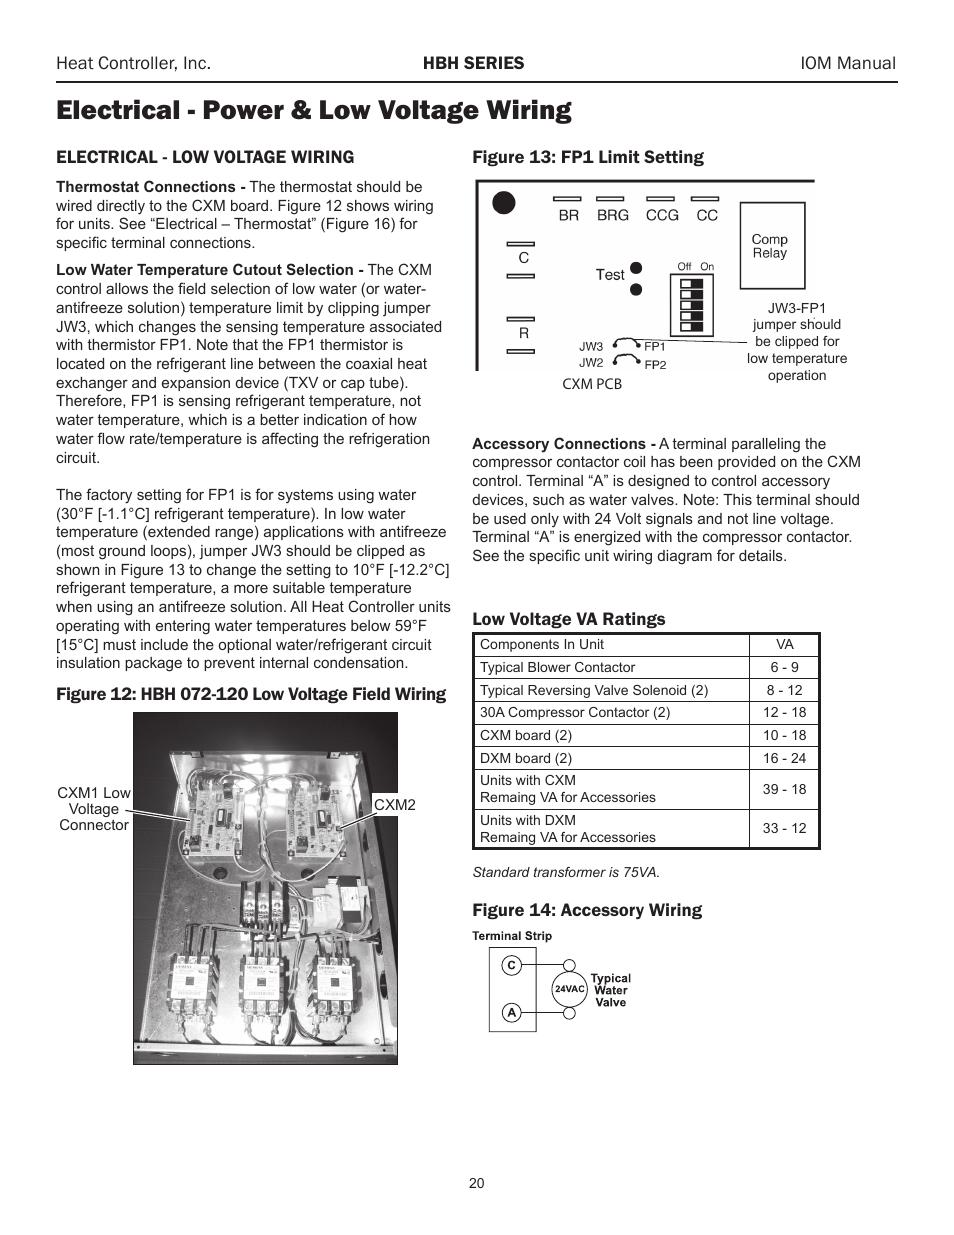 24 Volt Contactor Wiring Diagram